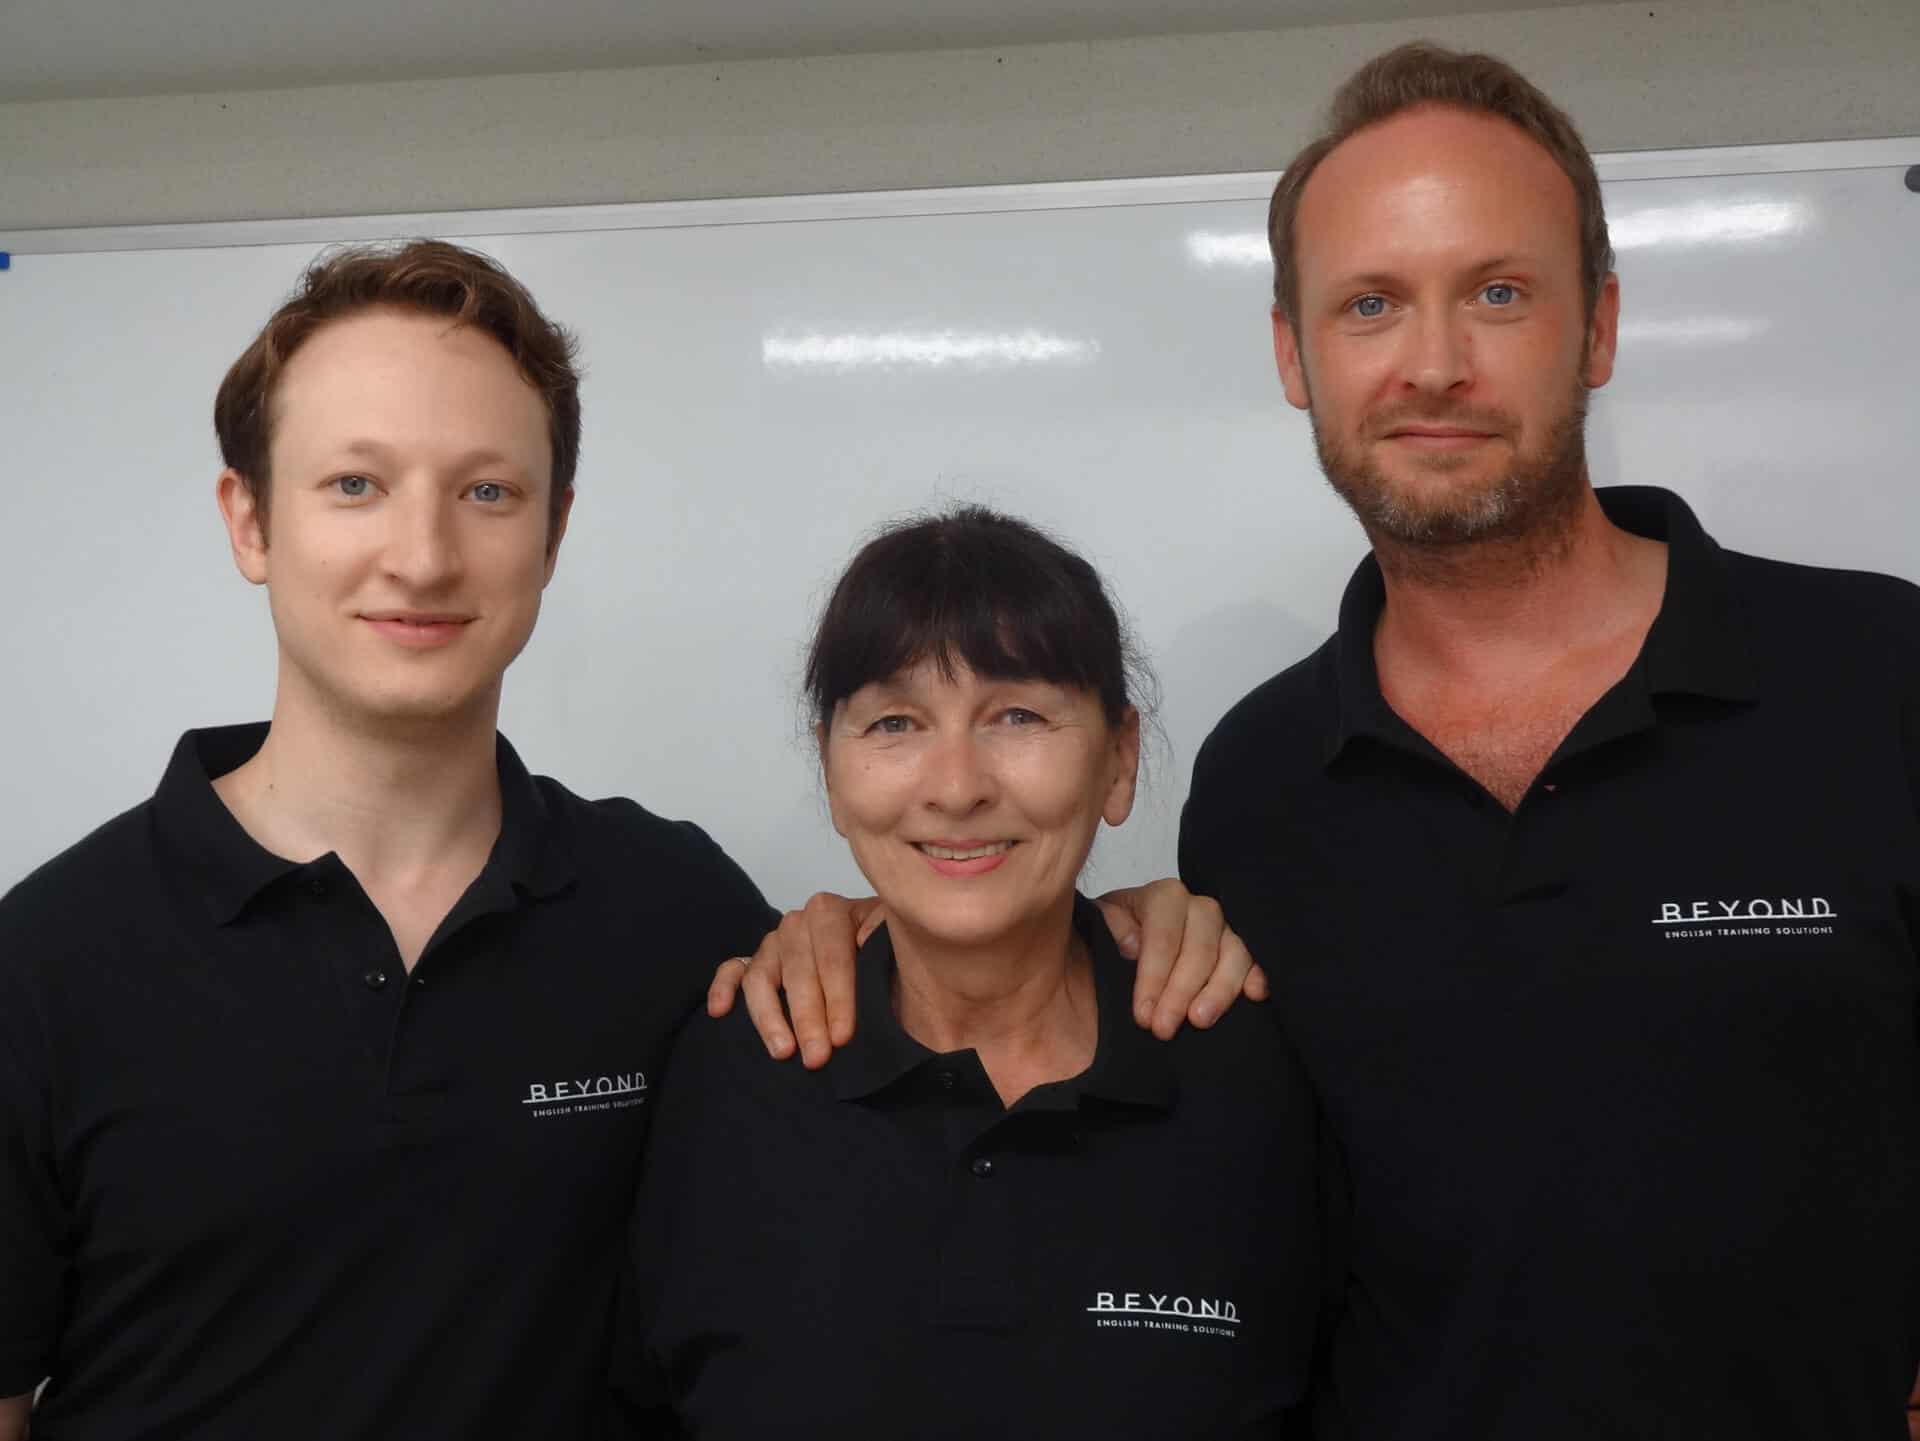 ビヨンド講師がビヨンドのポロシャツを着て3人並んでいます